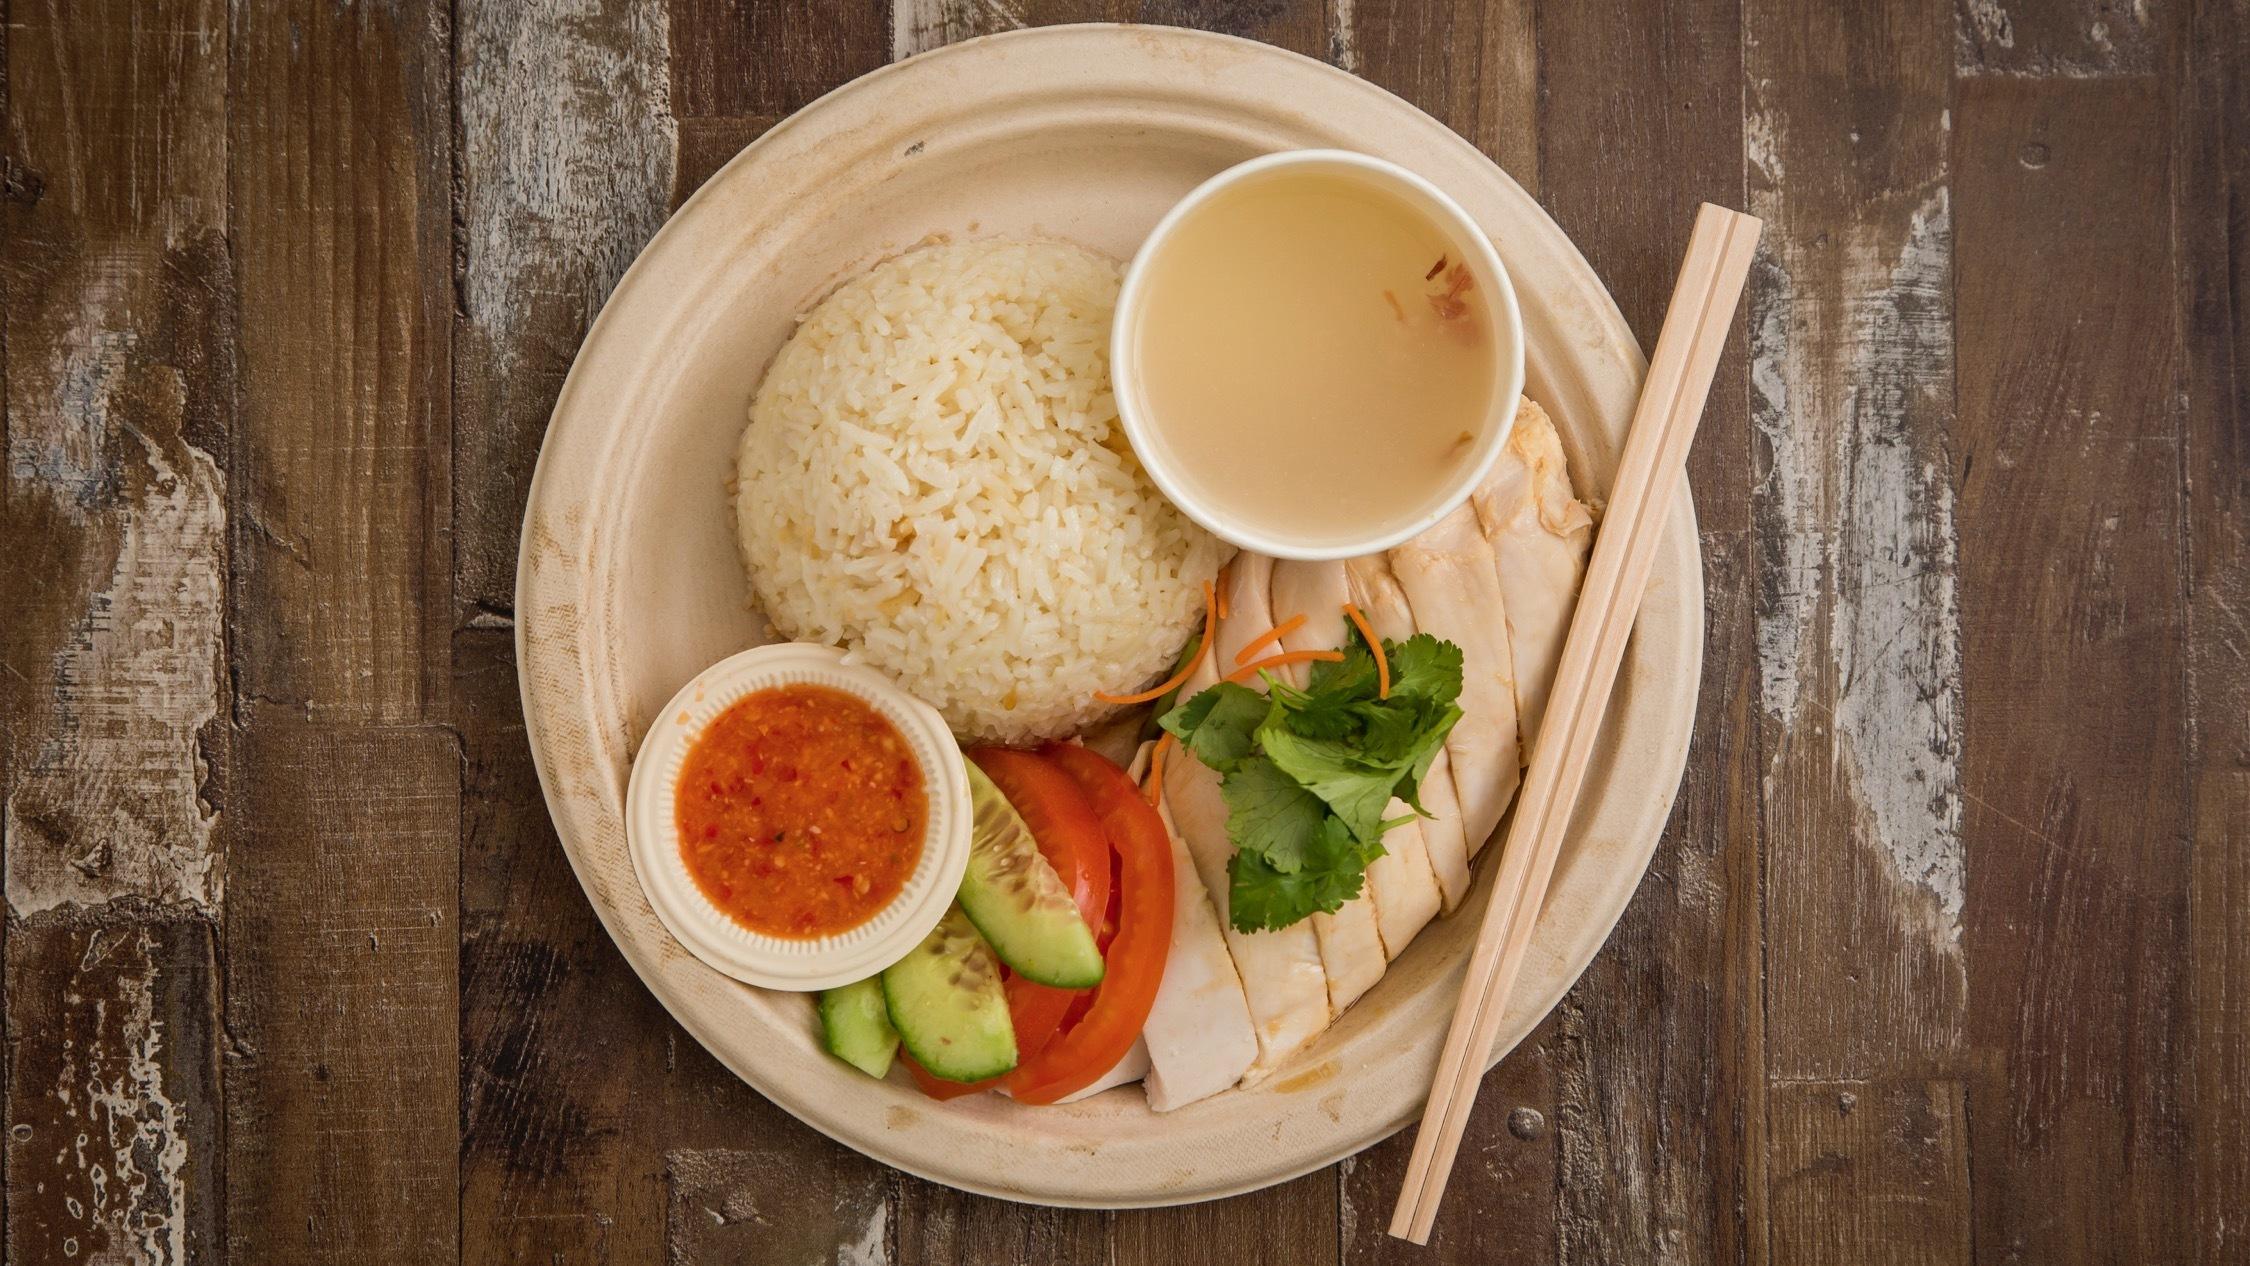 Chatterbox chicken rice at Alex Lee Kitchen, $14